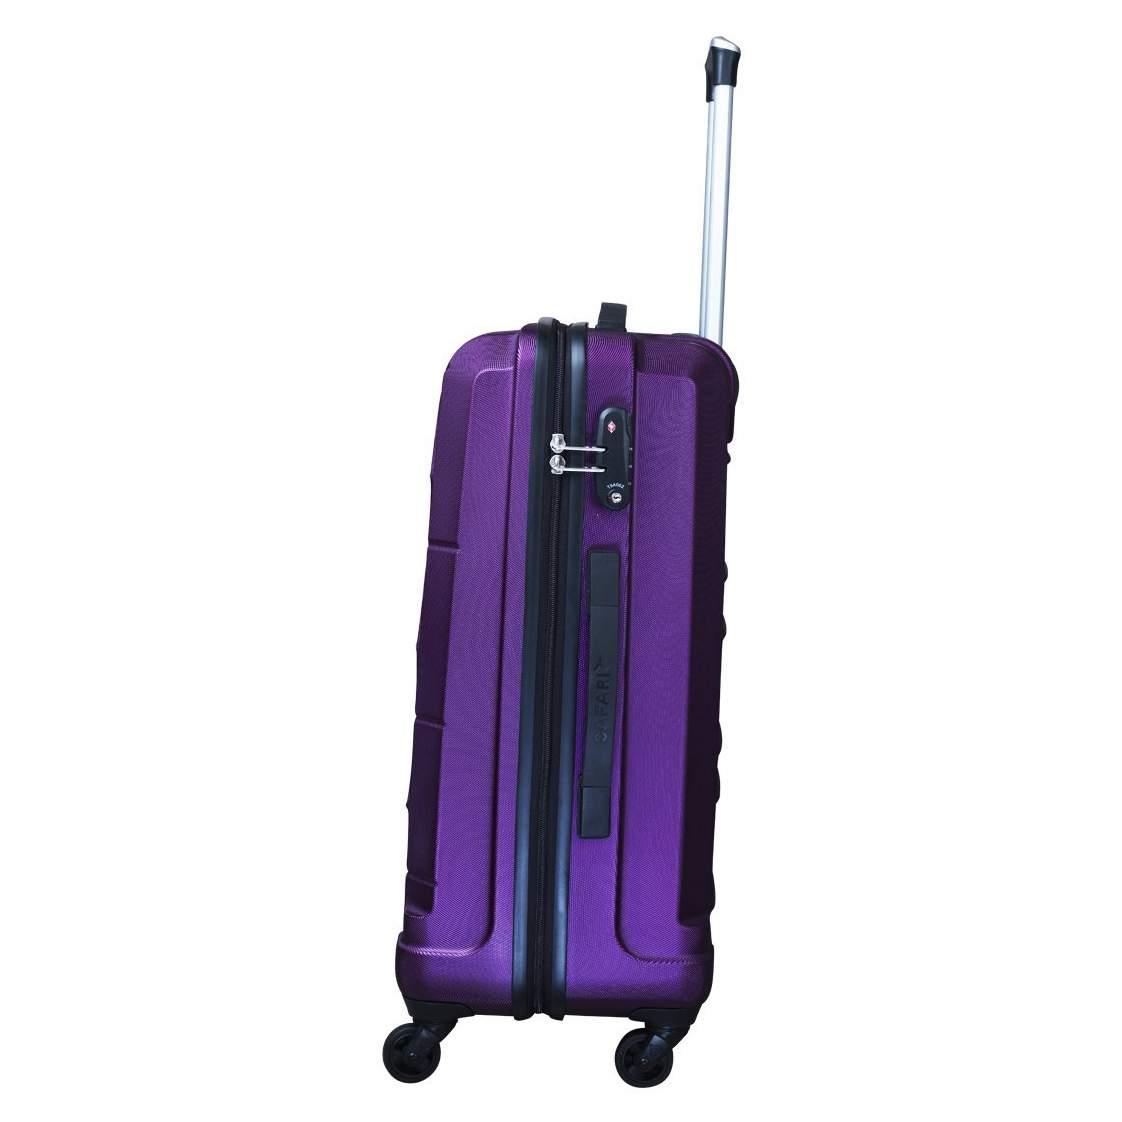 197dfe552ed Safari DNA 55 cm Cabin Size Hard Luggage Bag